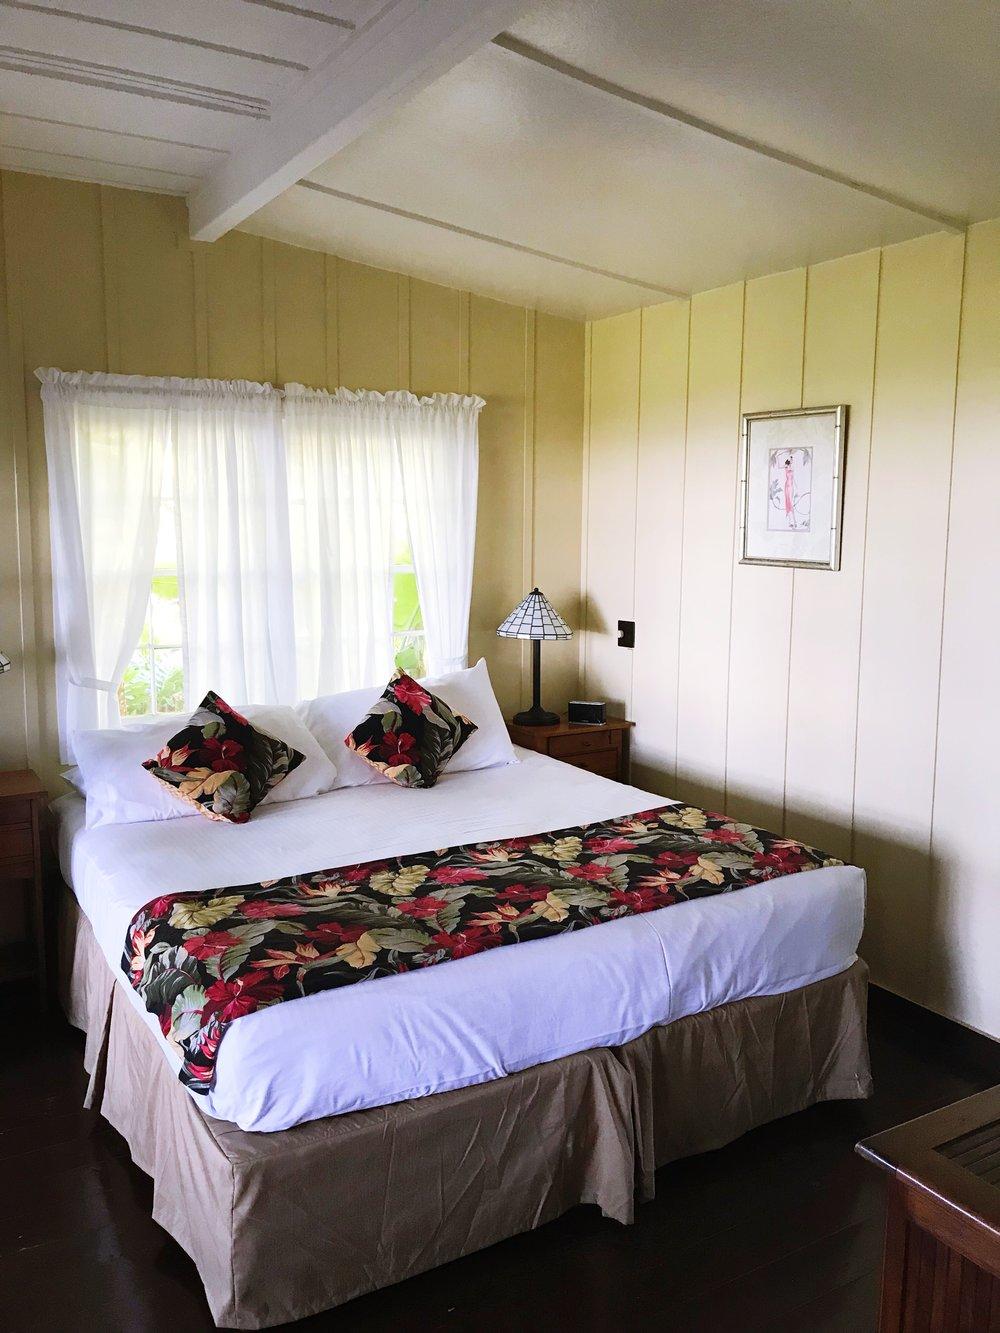 Waimea_Plantation_Cottage_#69